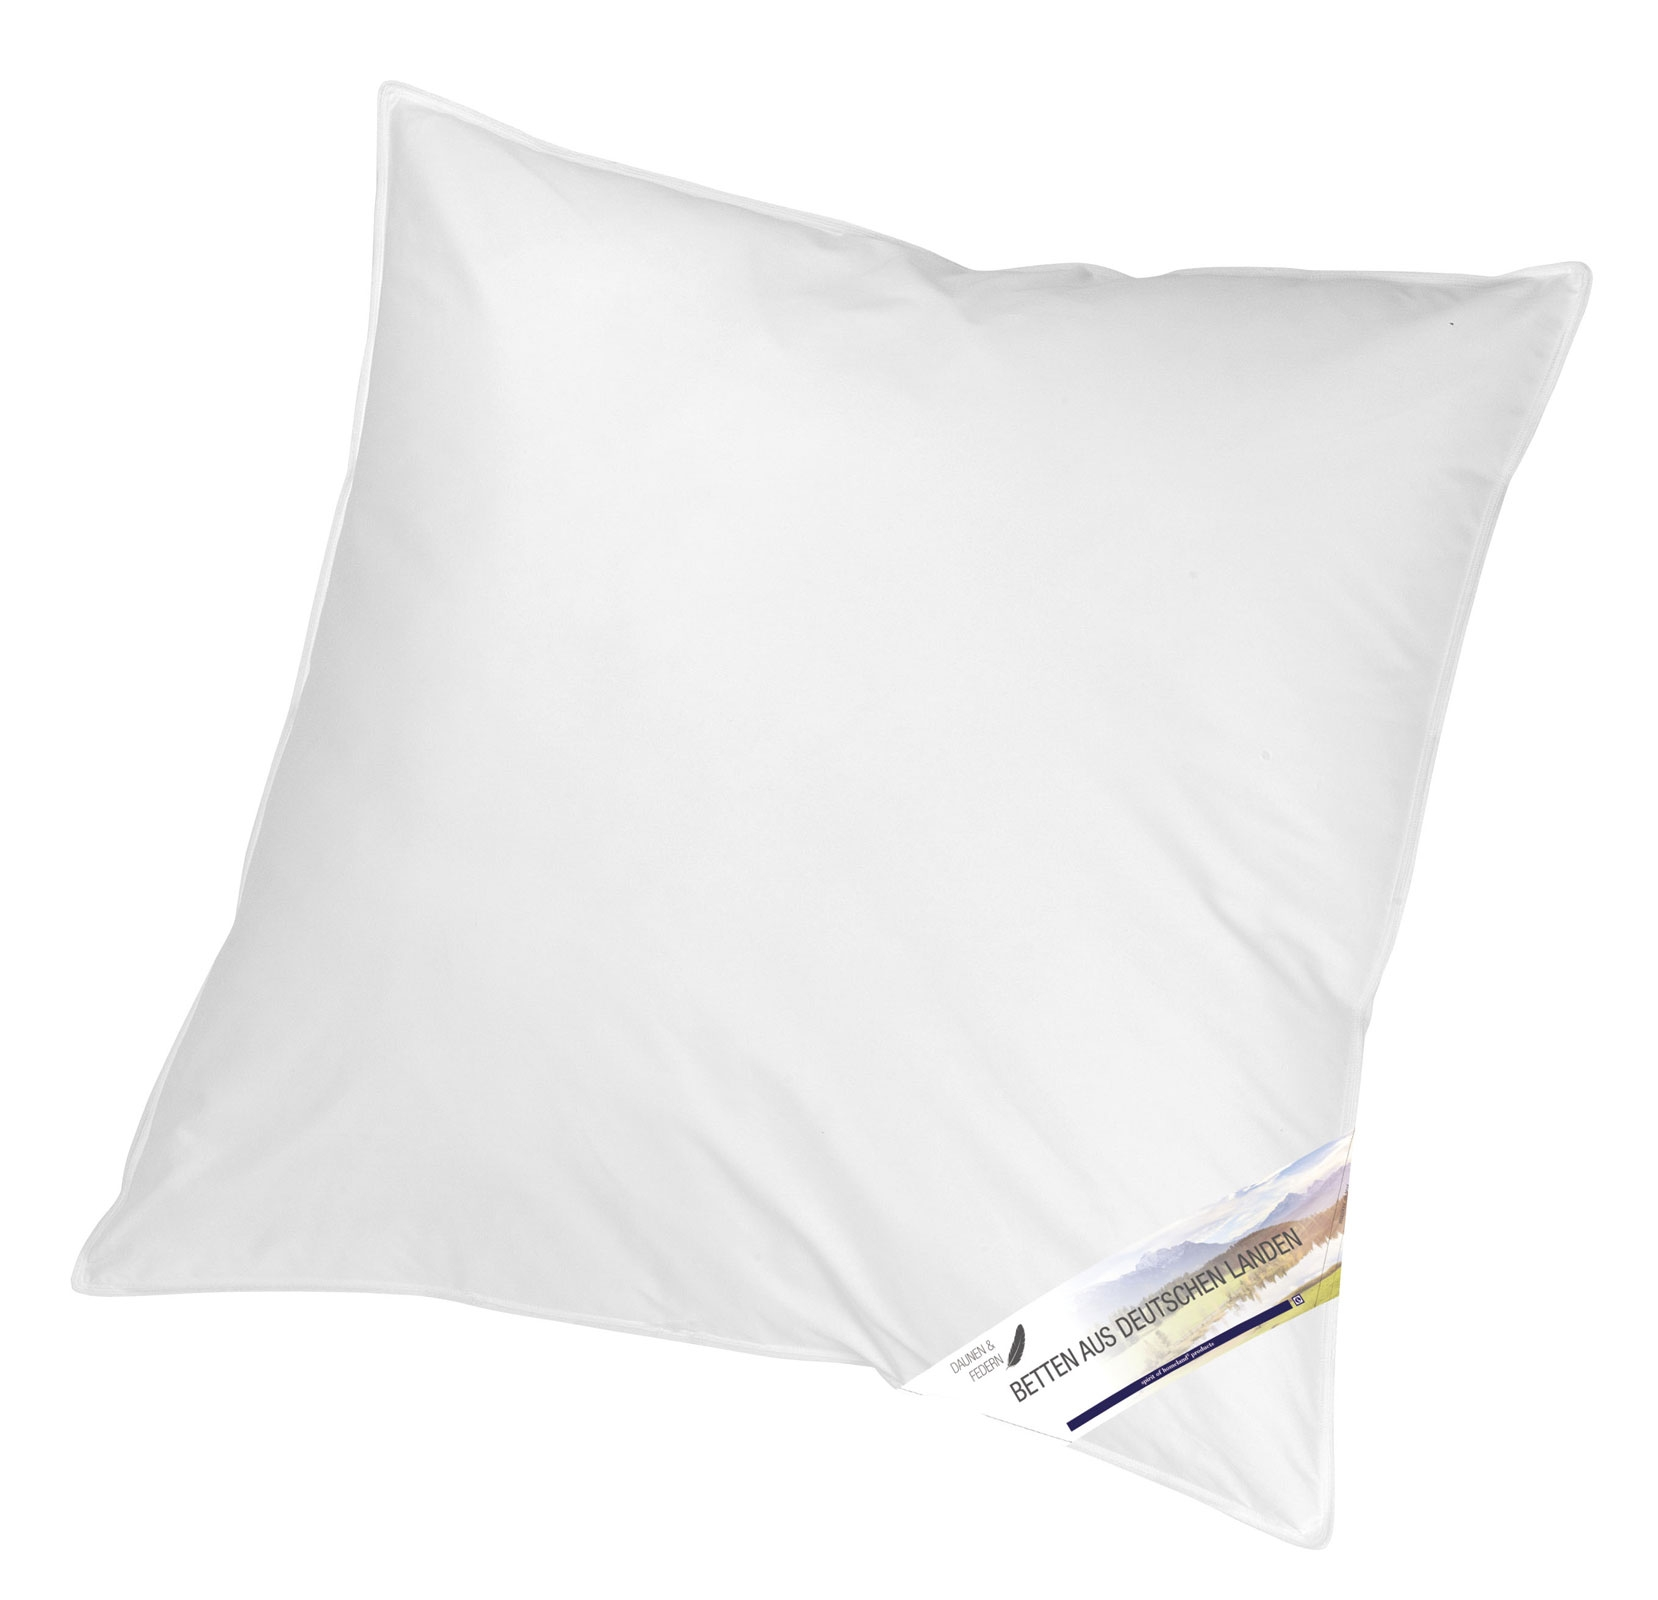 Bettdecken und Kopfkissen - 3 Kammer Kopfkissen Kissen 80x80 Betten aus Deutschen Landen von KBT Bettwaren  - Onlineshop PremiumShop321